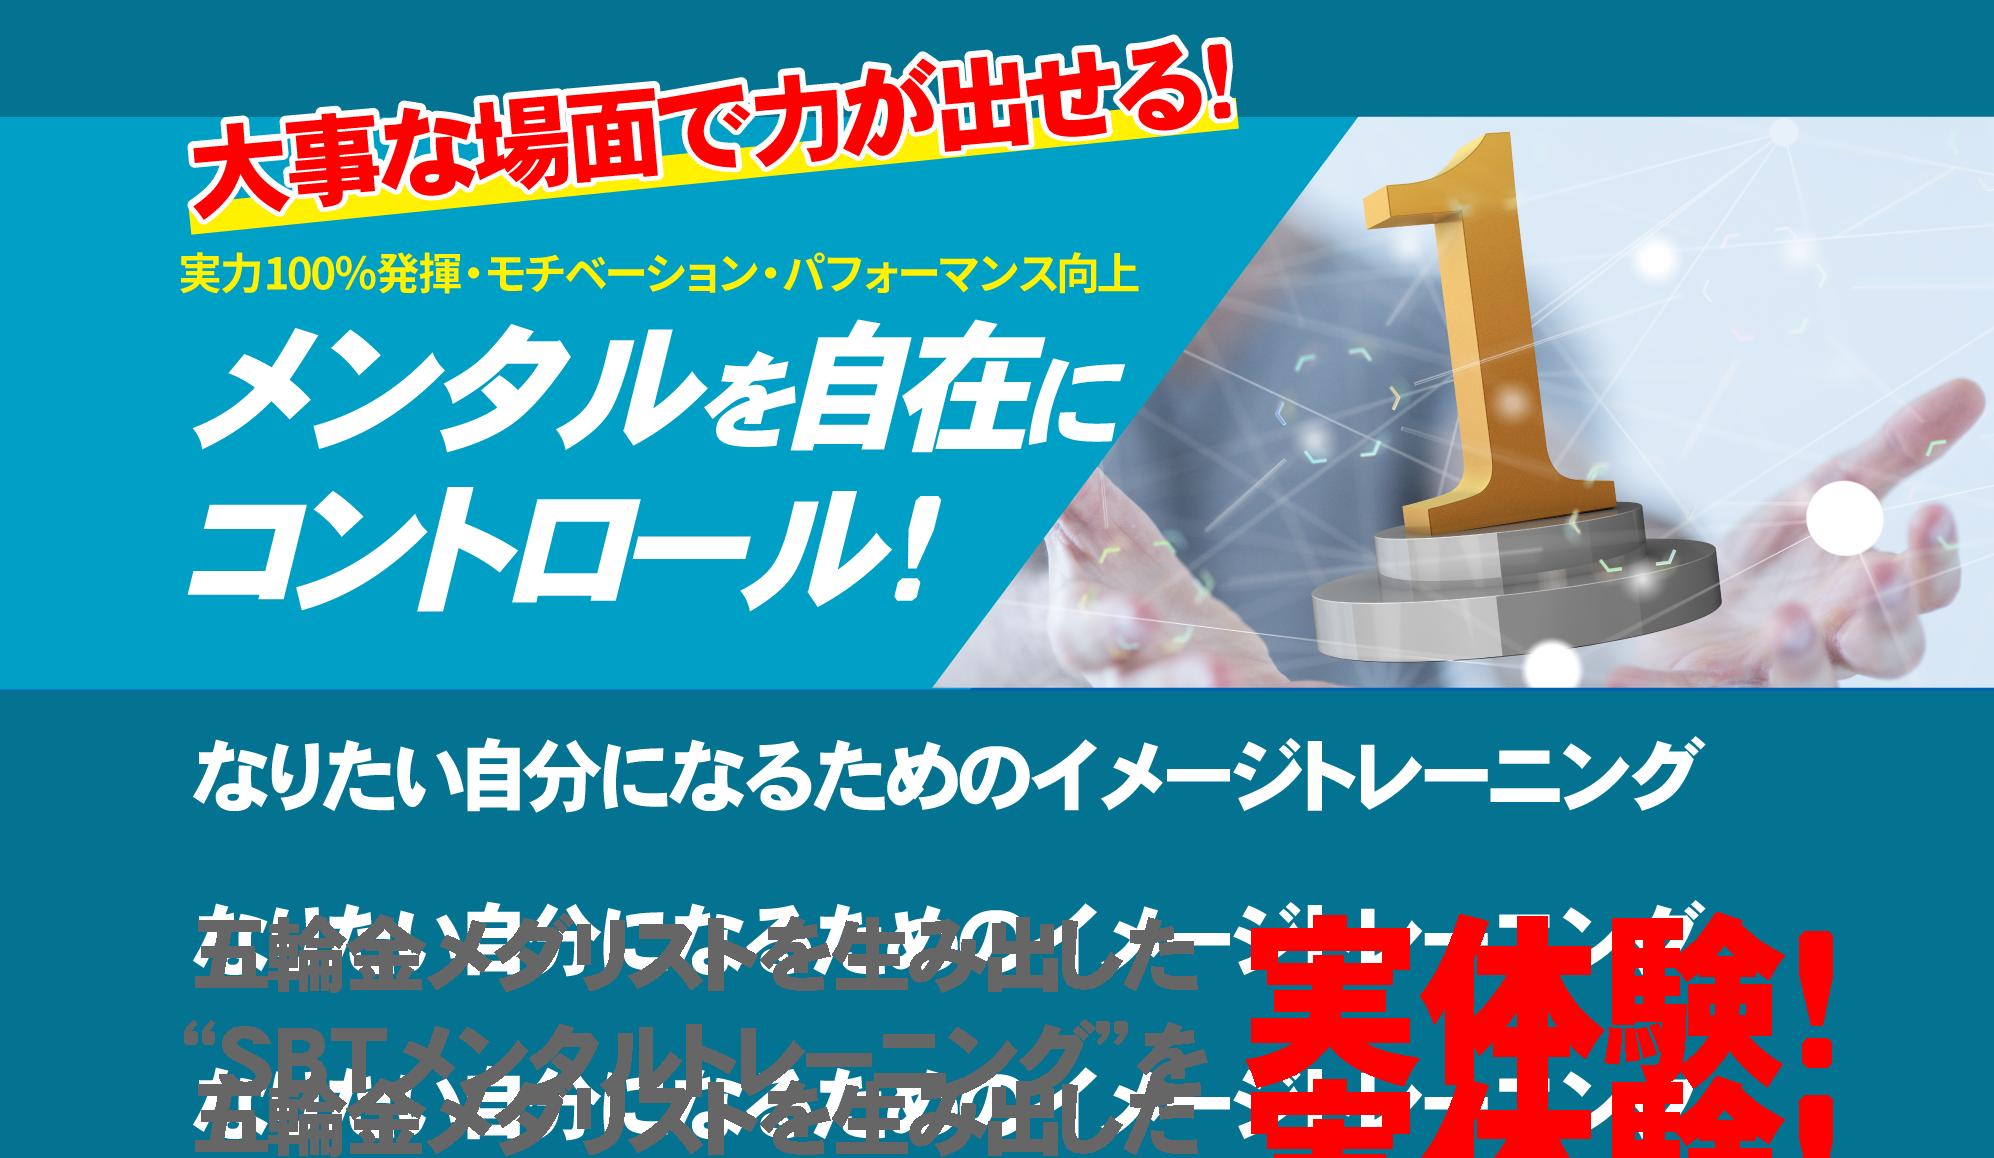 【静岡開催】SBTトライアル講座